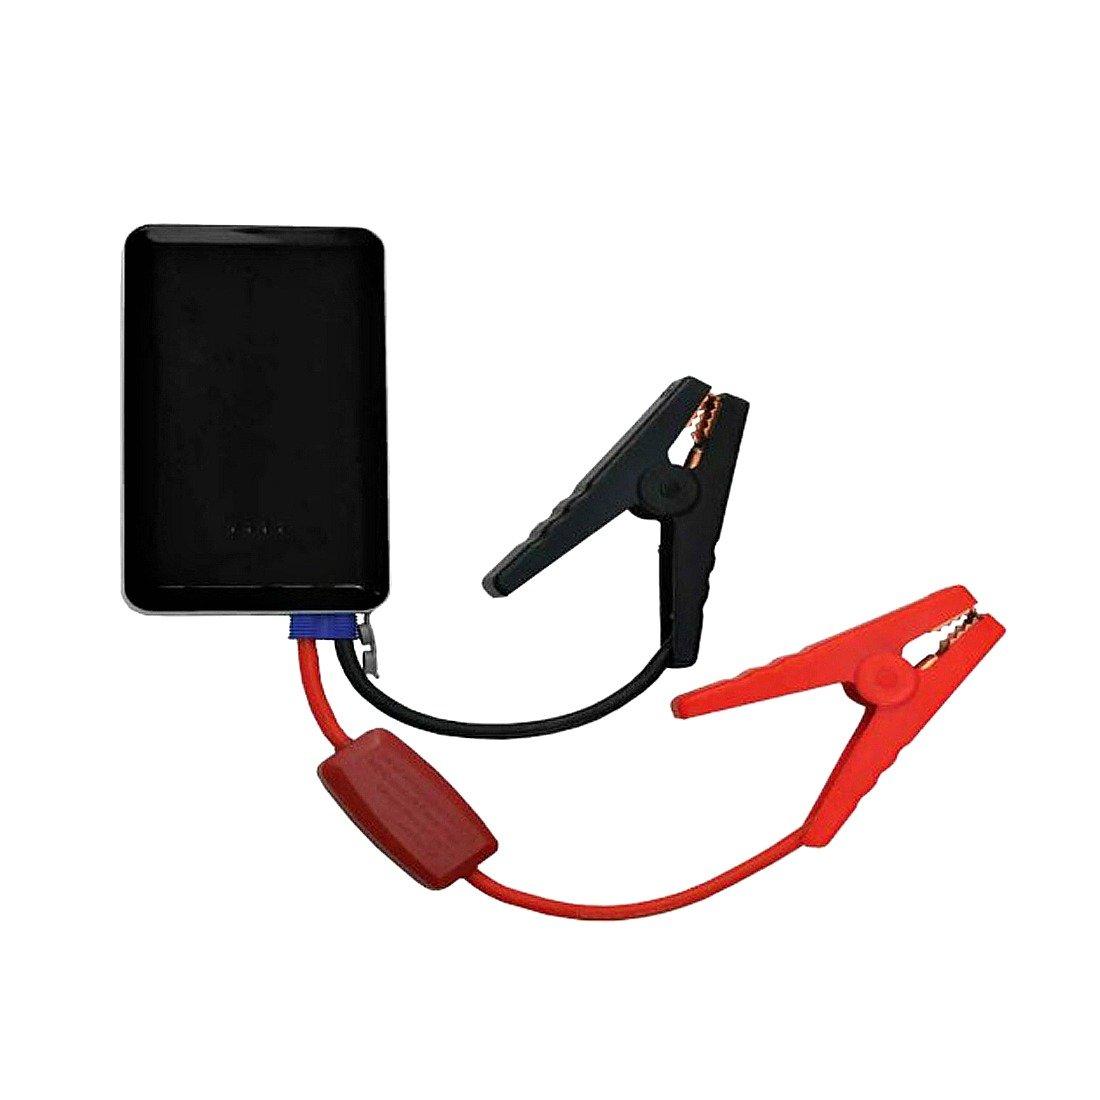 Stinger 6000 mAh Portable Jump Starter & USB Digital Device Power Pack 12V